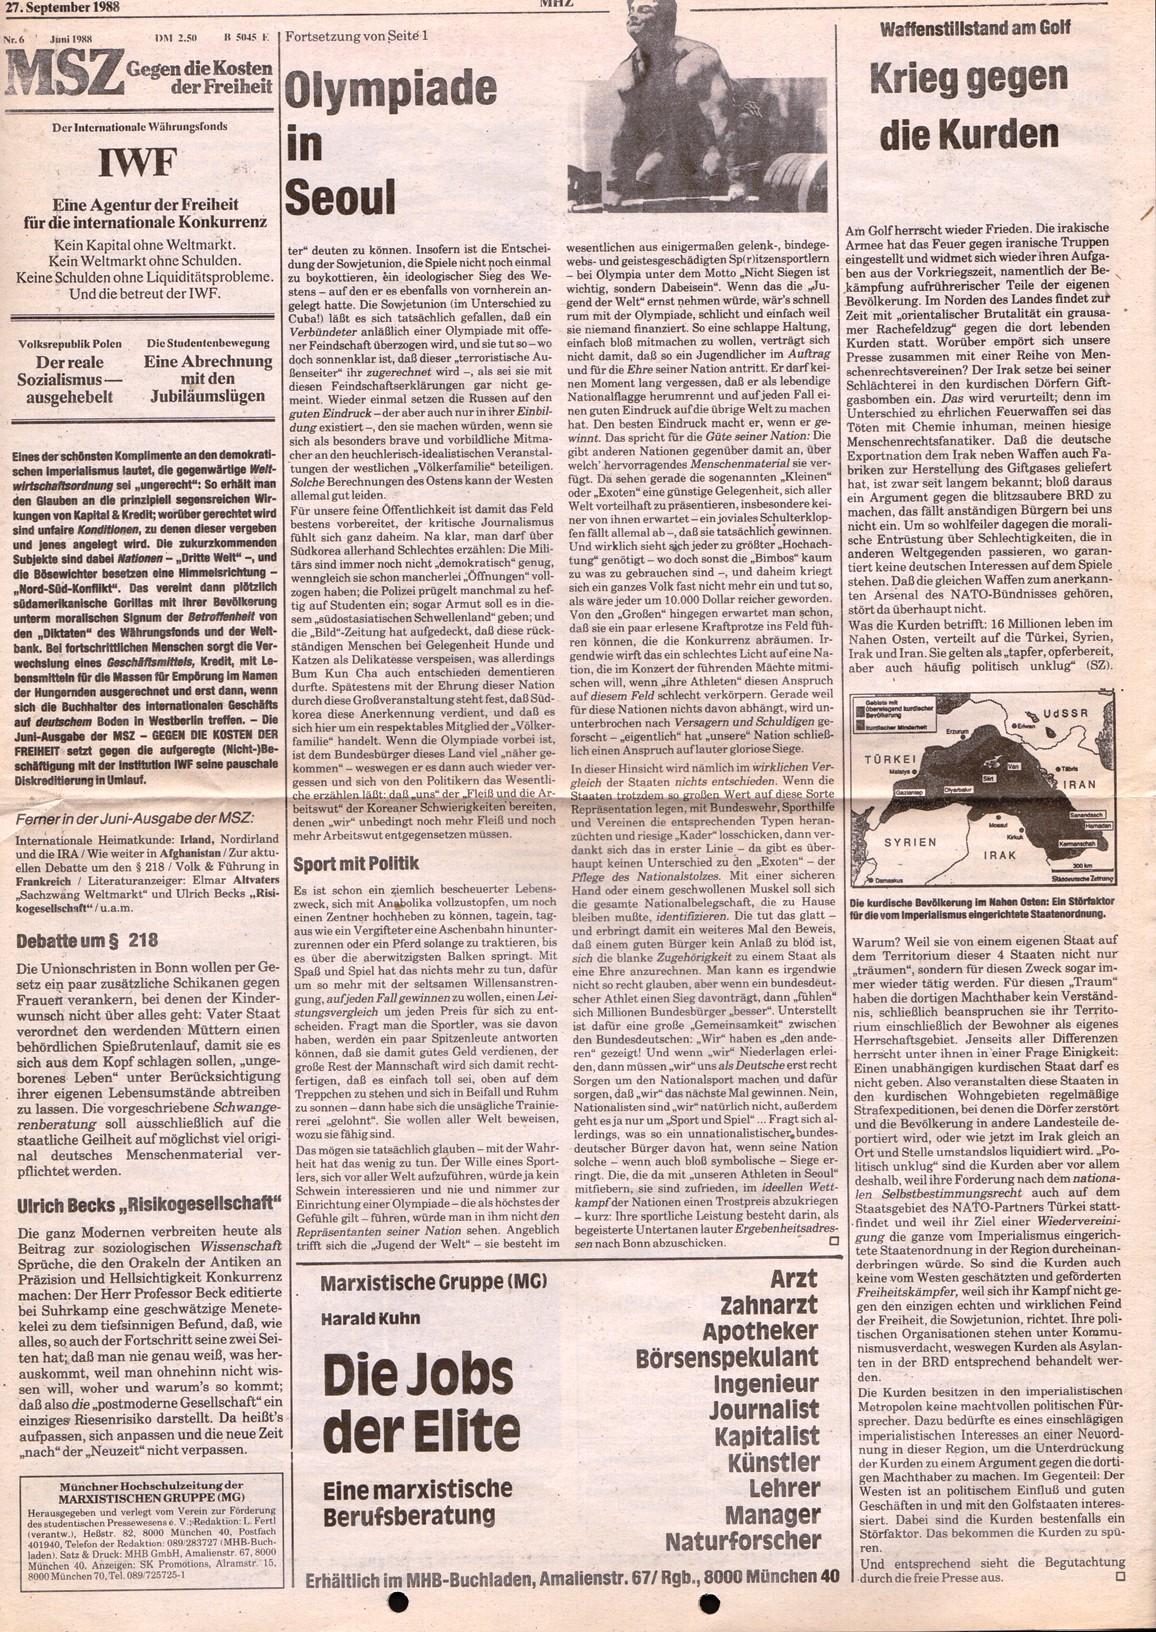 Muenchen_MG_Hochschulzeitung_19880927_03